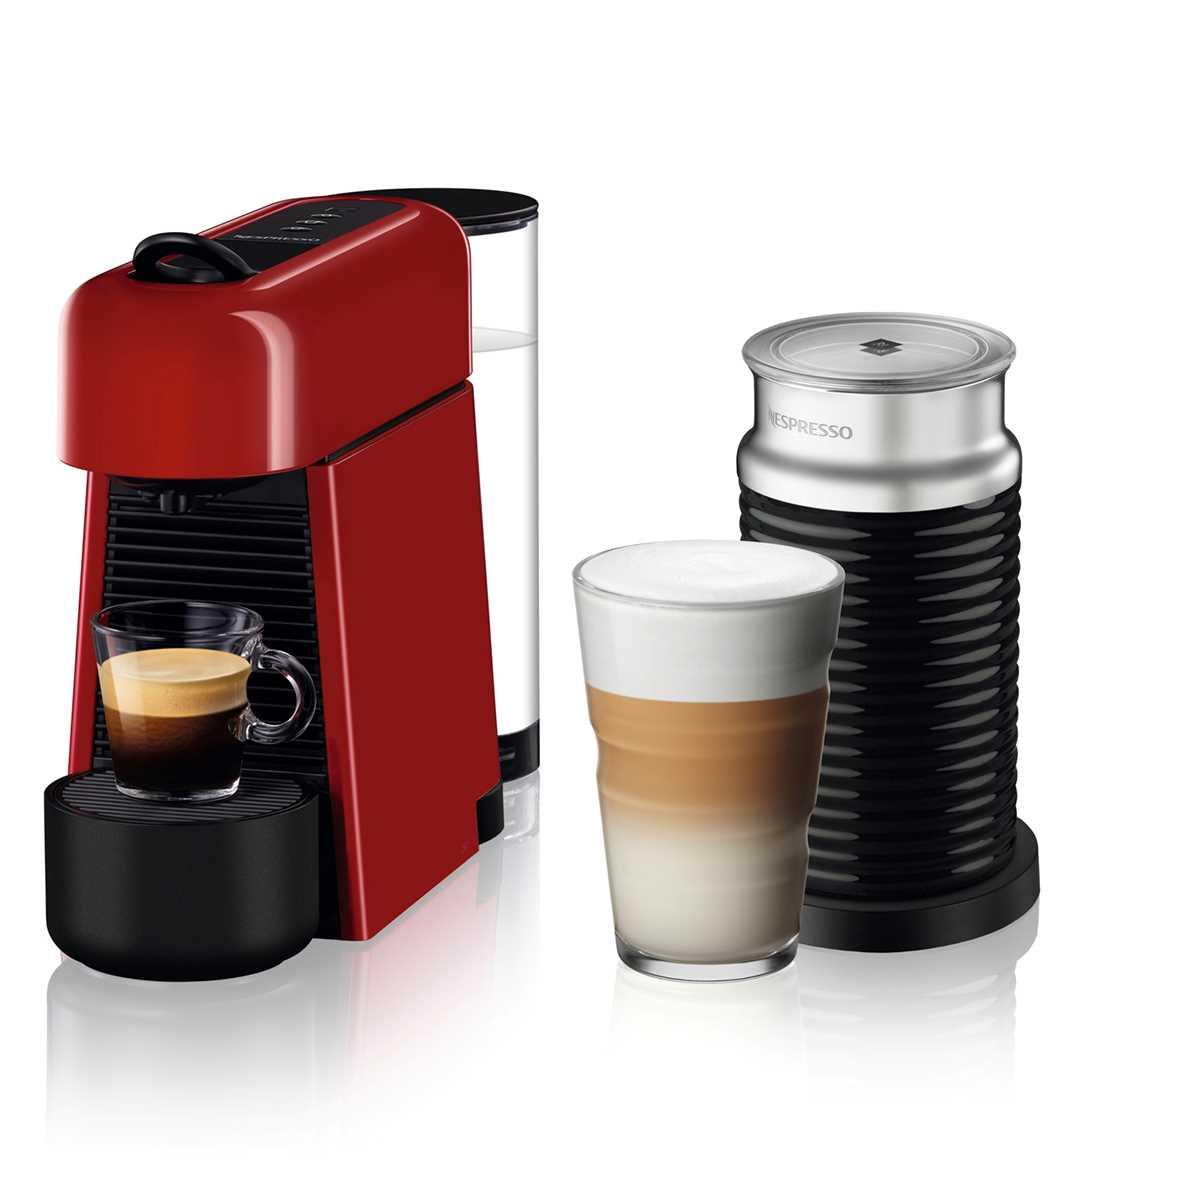 מכונת אספרסו Nespresso Essenza D45 Plus נספרסו כולל מקצף חלב - צבע אדום - תמונה 1